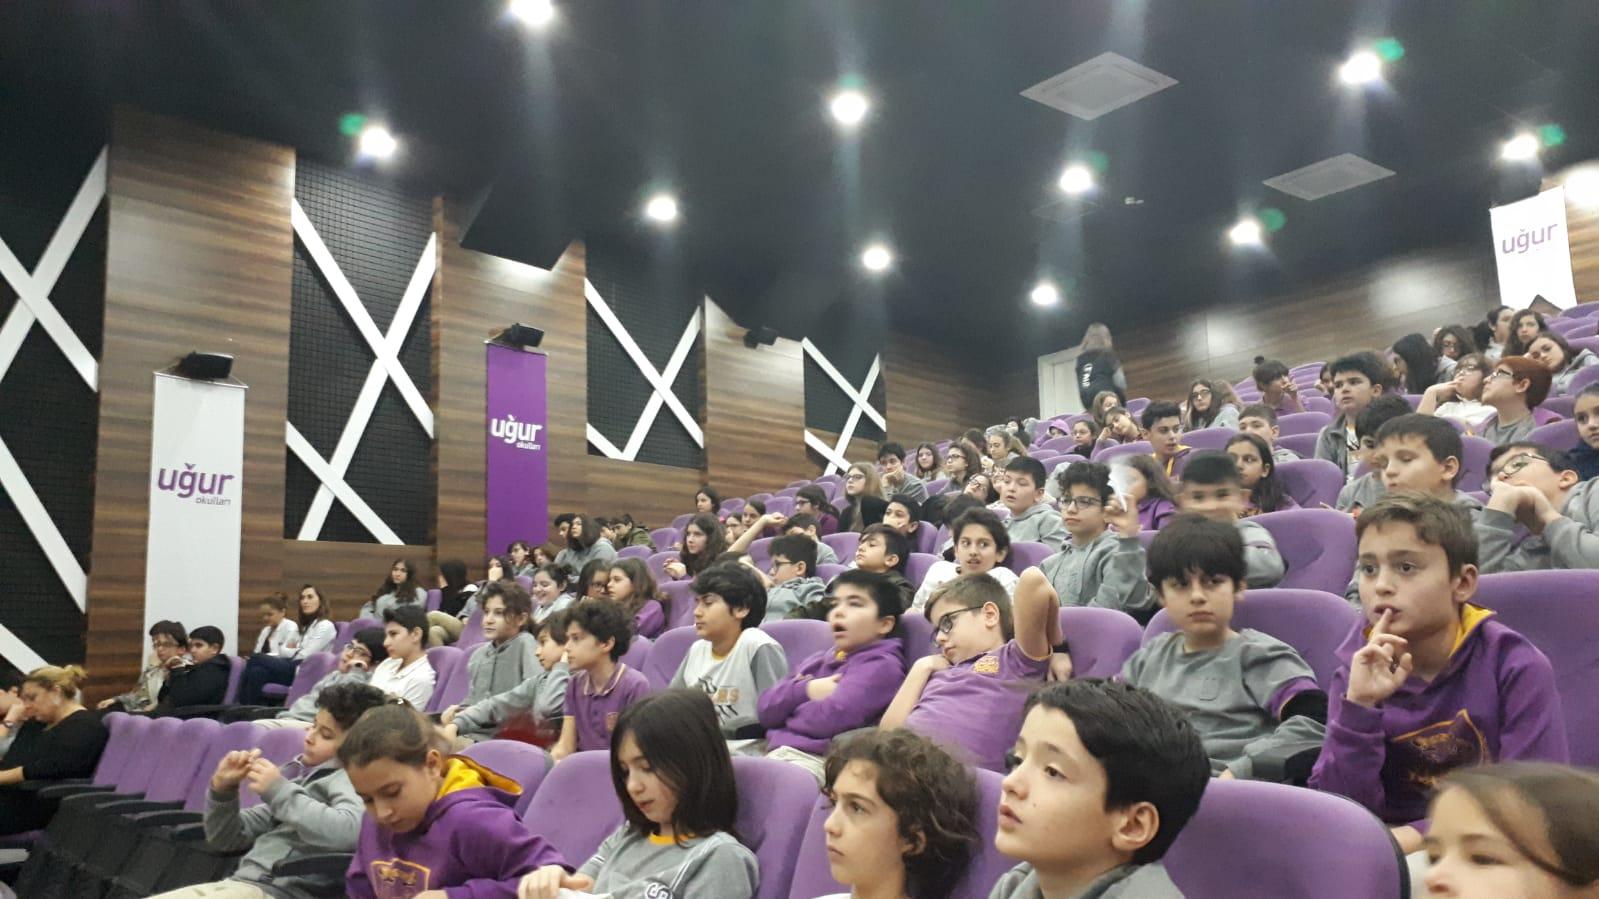 İstanbul Halkalı Uğur Okulları Mekez Kampüsünde, Bilinçli ve Güvenli İnternet Semineri